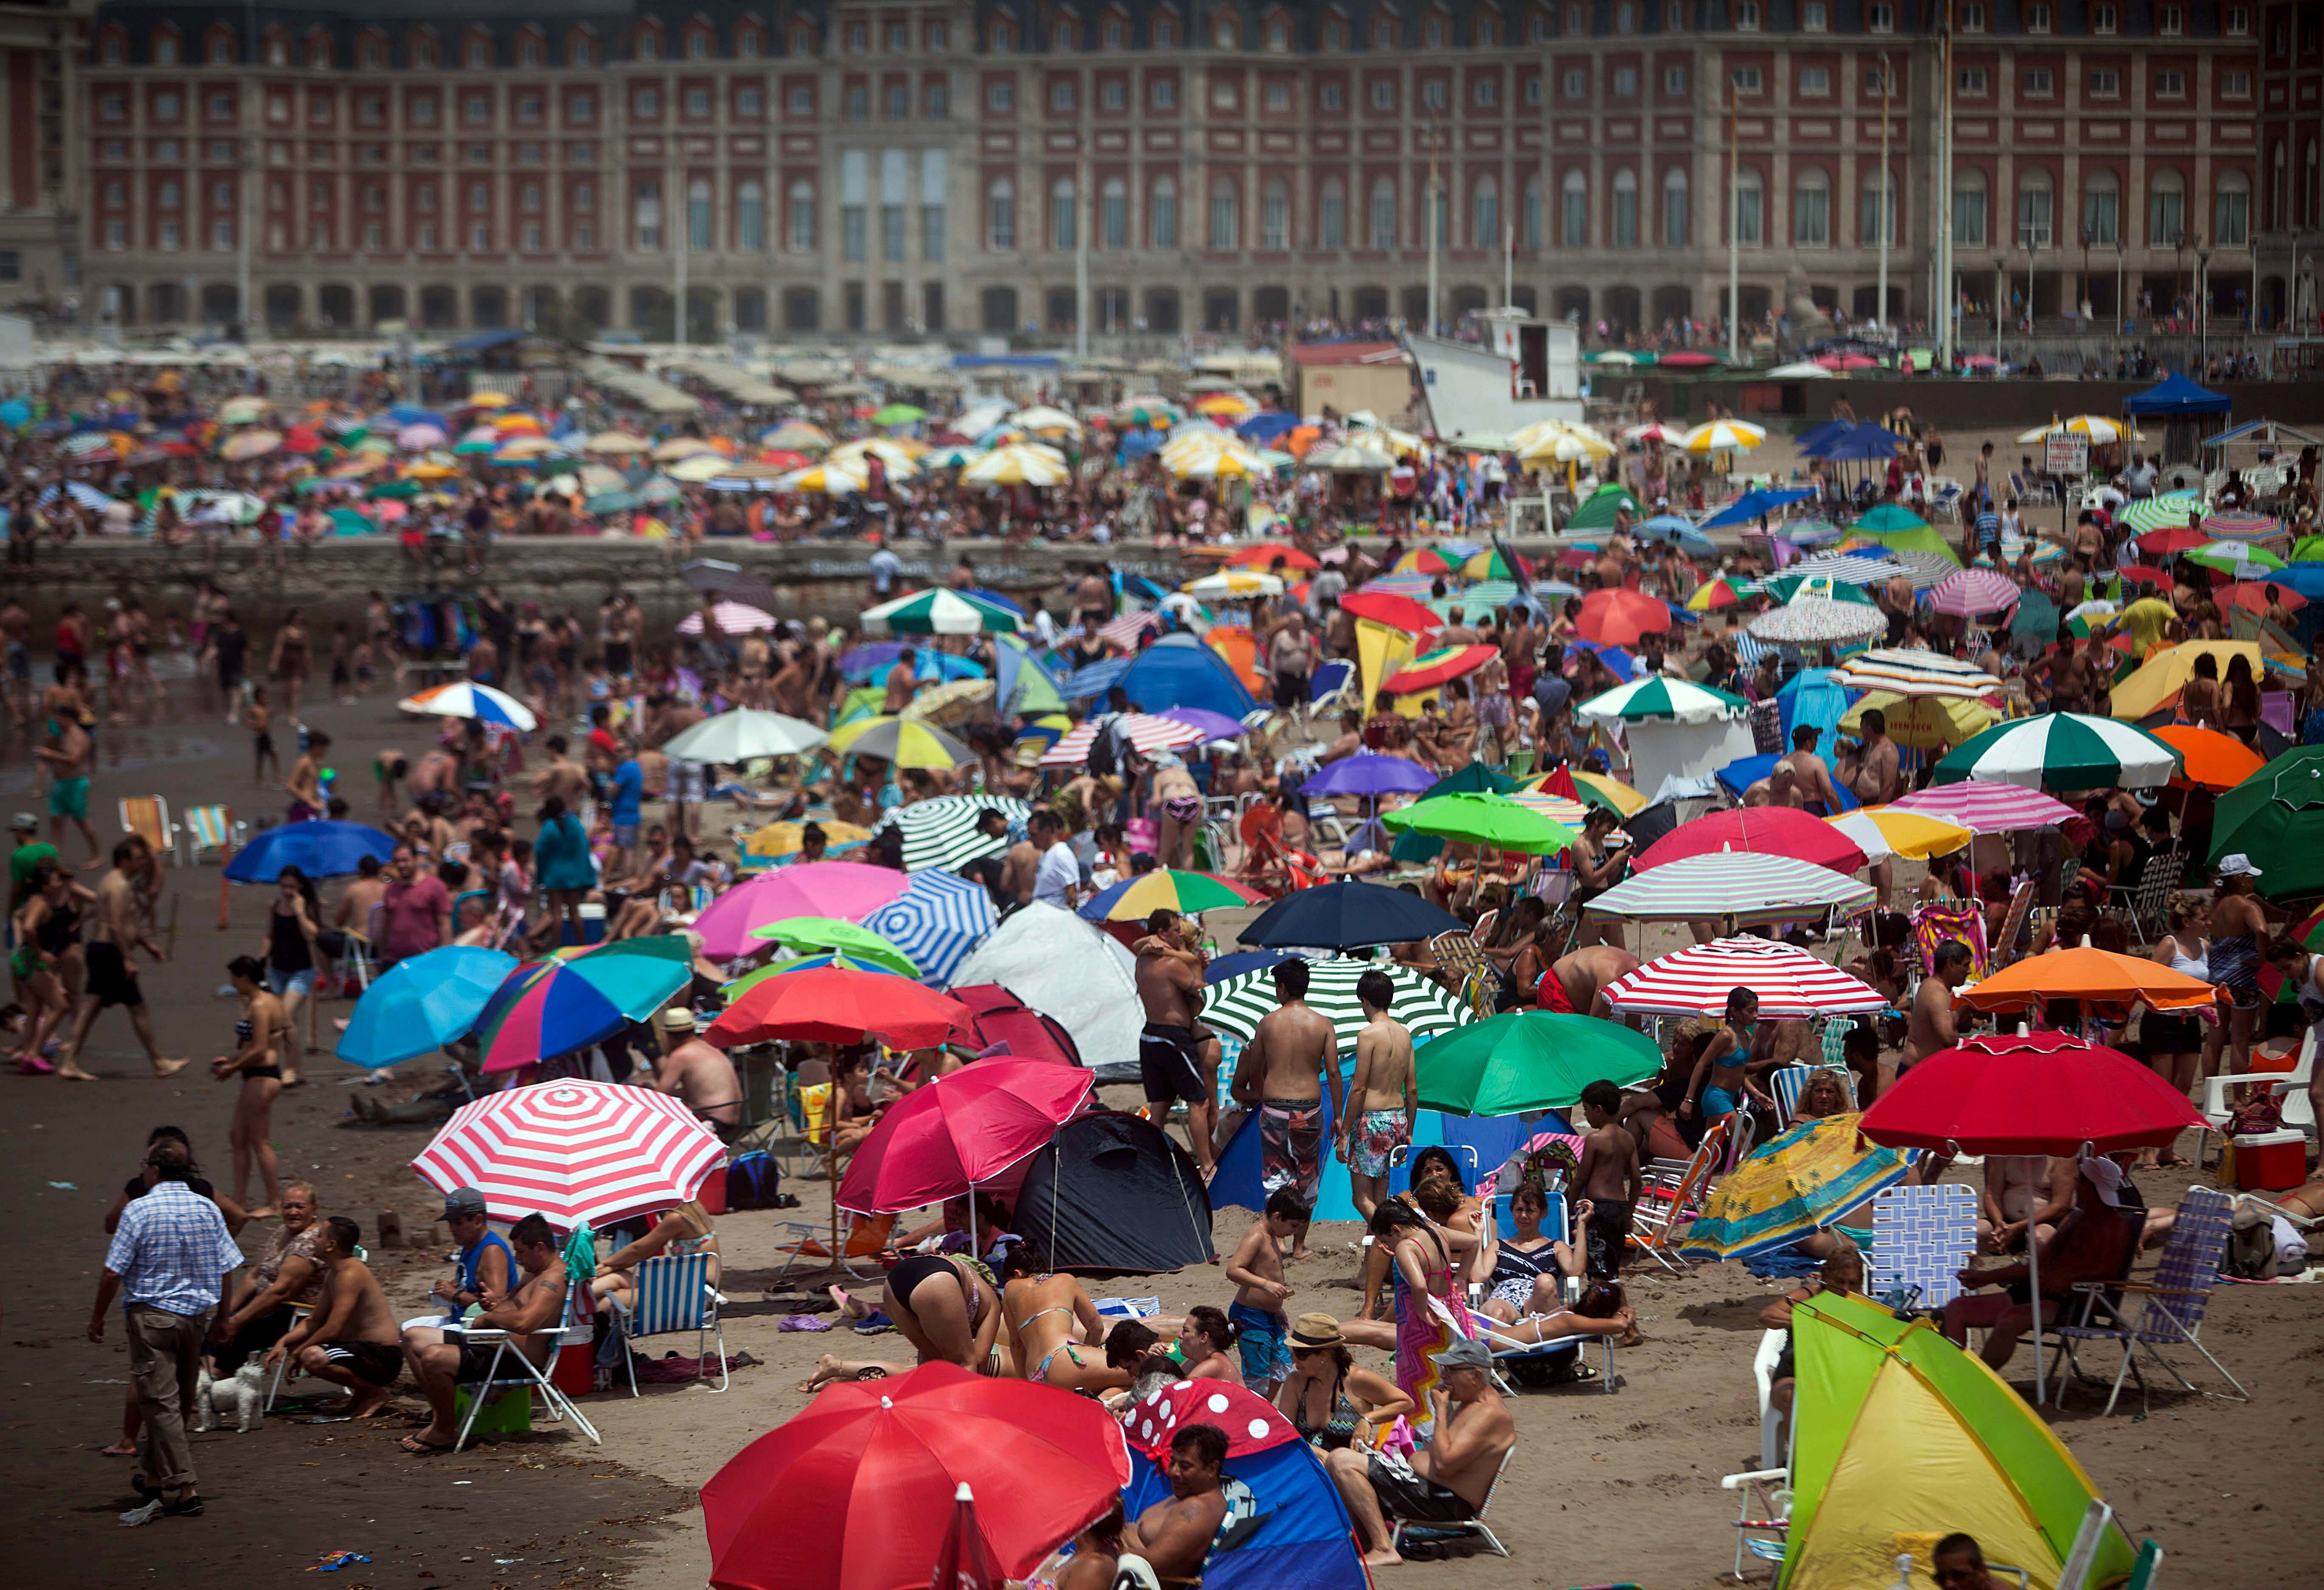 Hoteleros por la baja del turismo: Subsidiamos vacaciones en el exterior